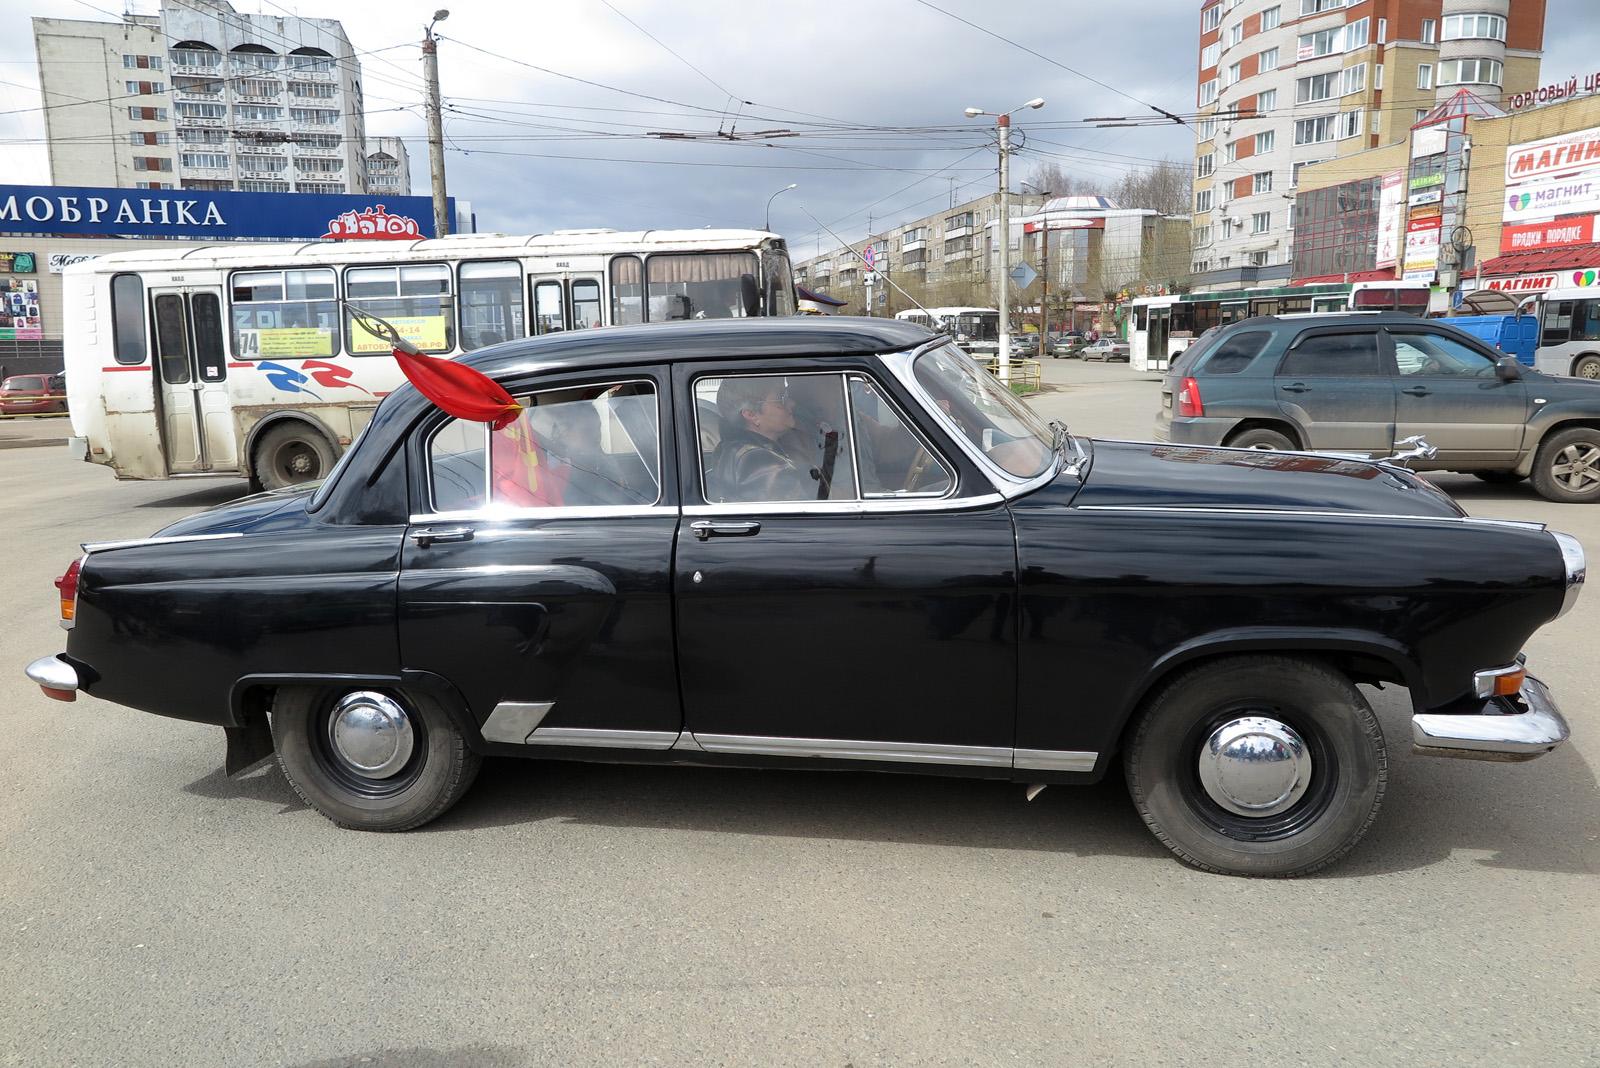 2015 ГАЗ-21 №в998рв.JPG